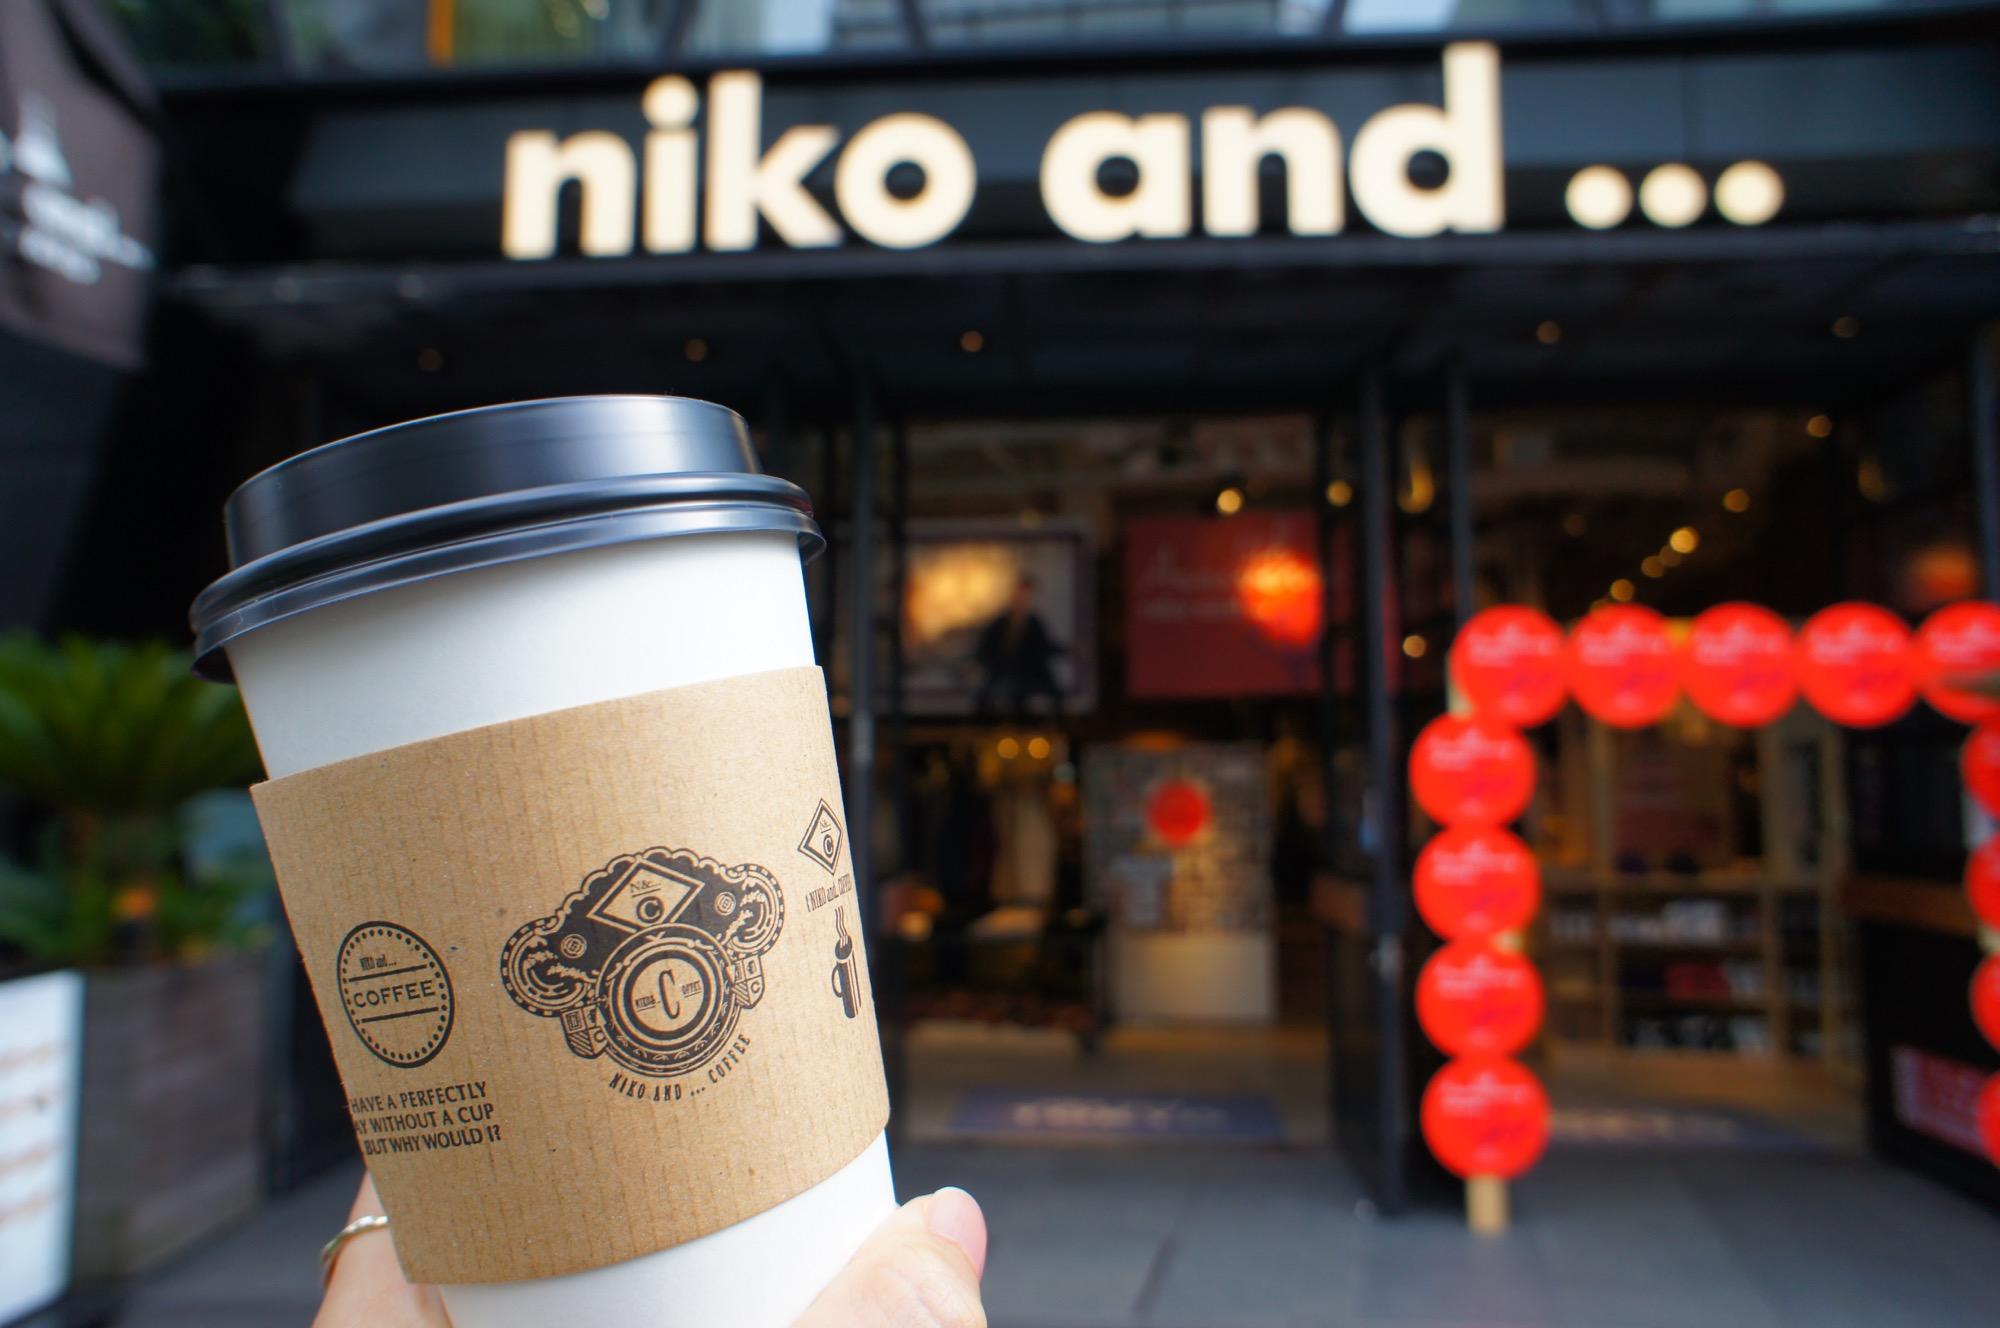 《ご当地MORE✩東京》絶品コッペパンサンド!【niko and...COFFEE】名物❤️ニコパンが美味しすぎる☻_1